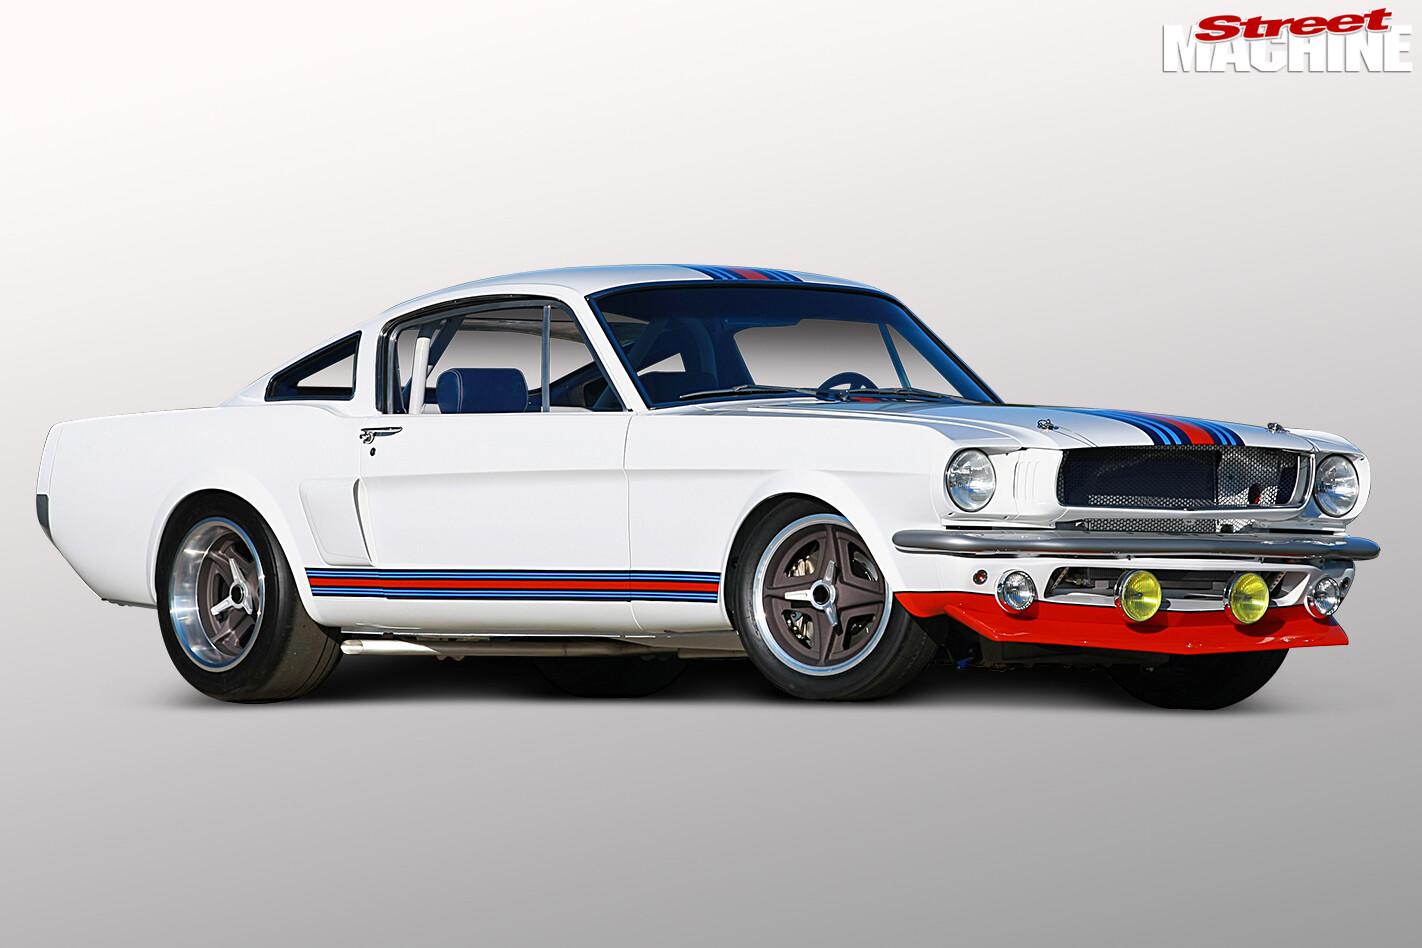 Mustang -side -angle -2